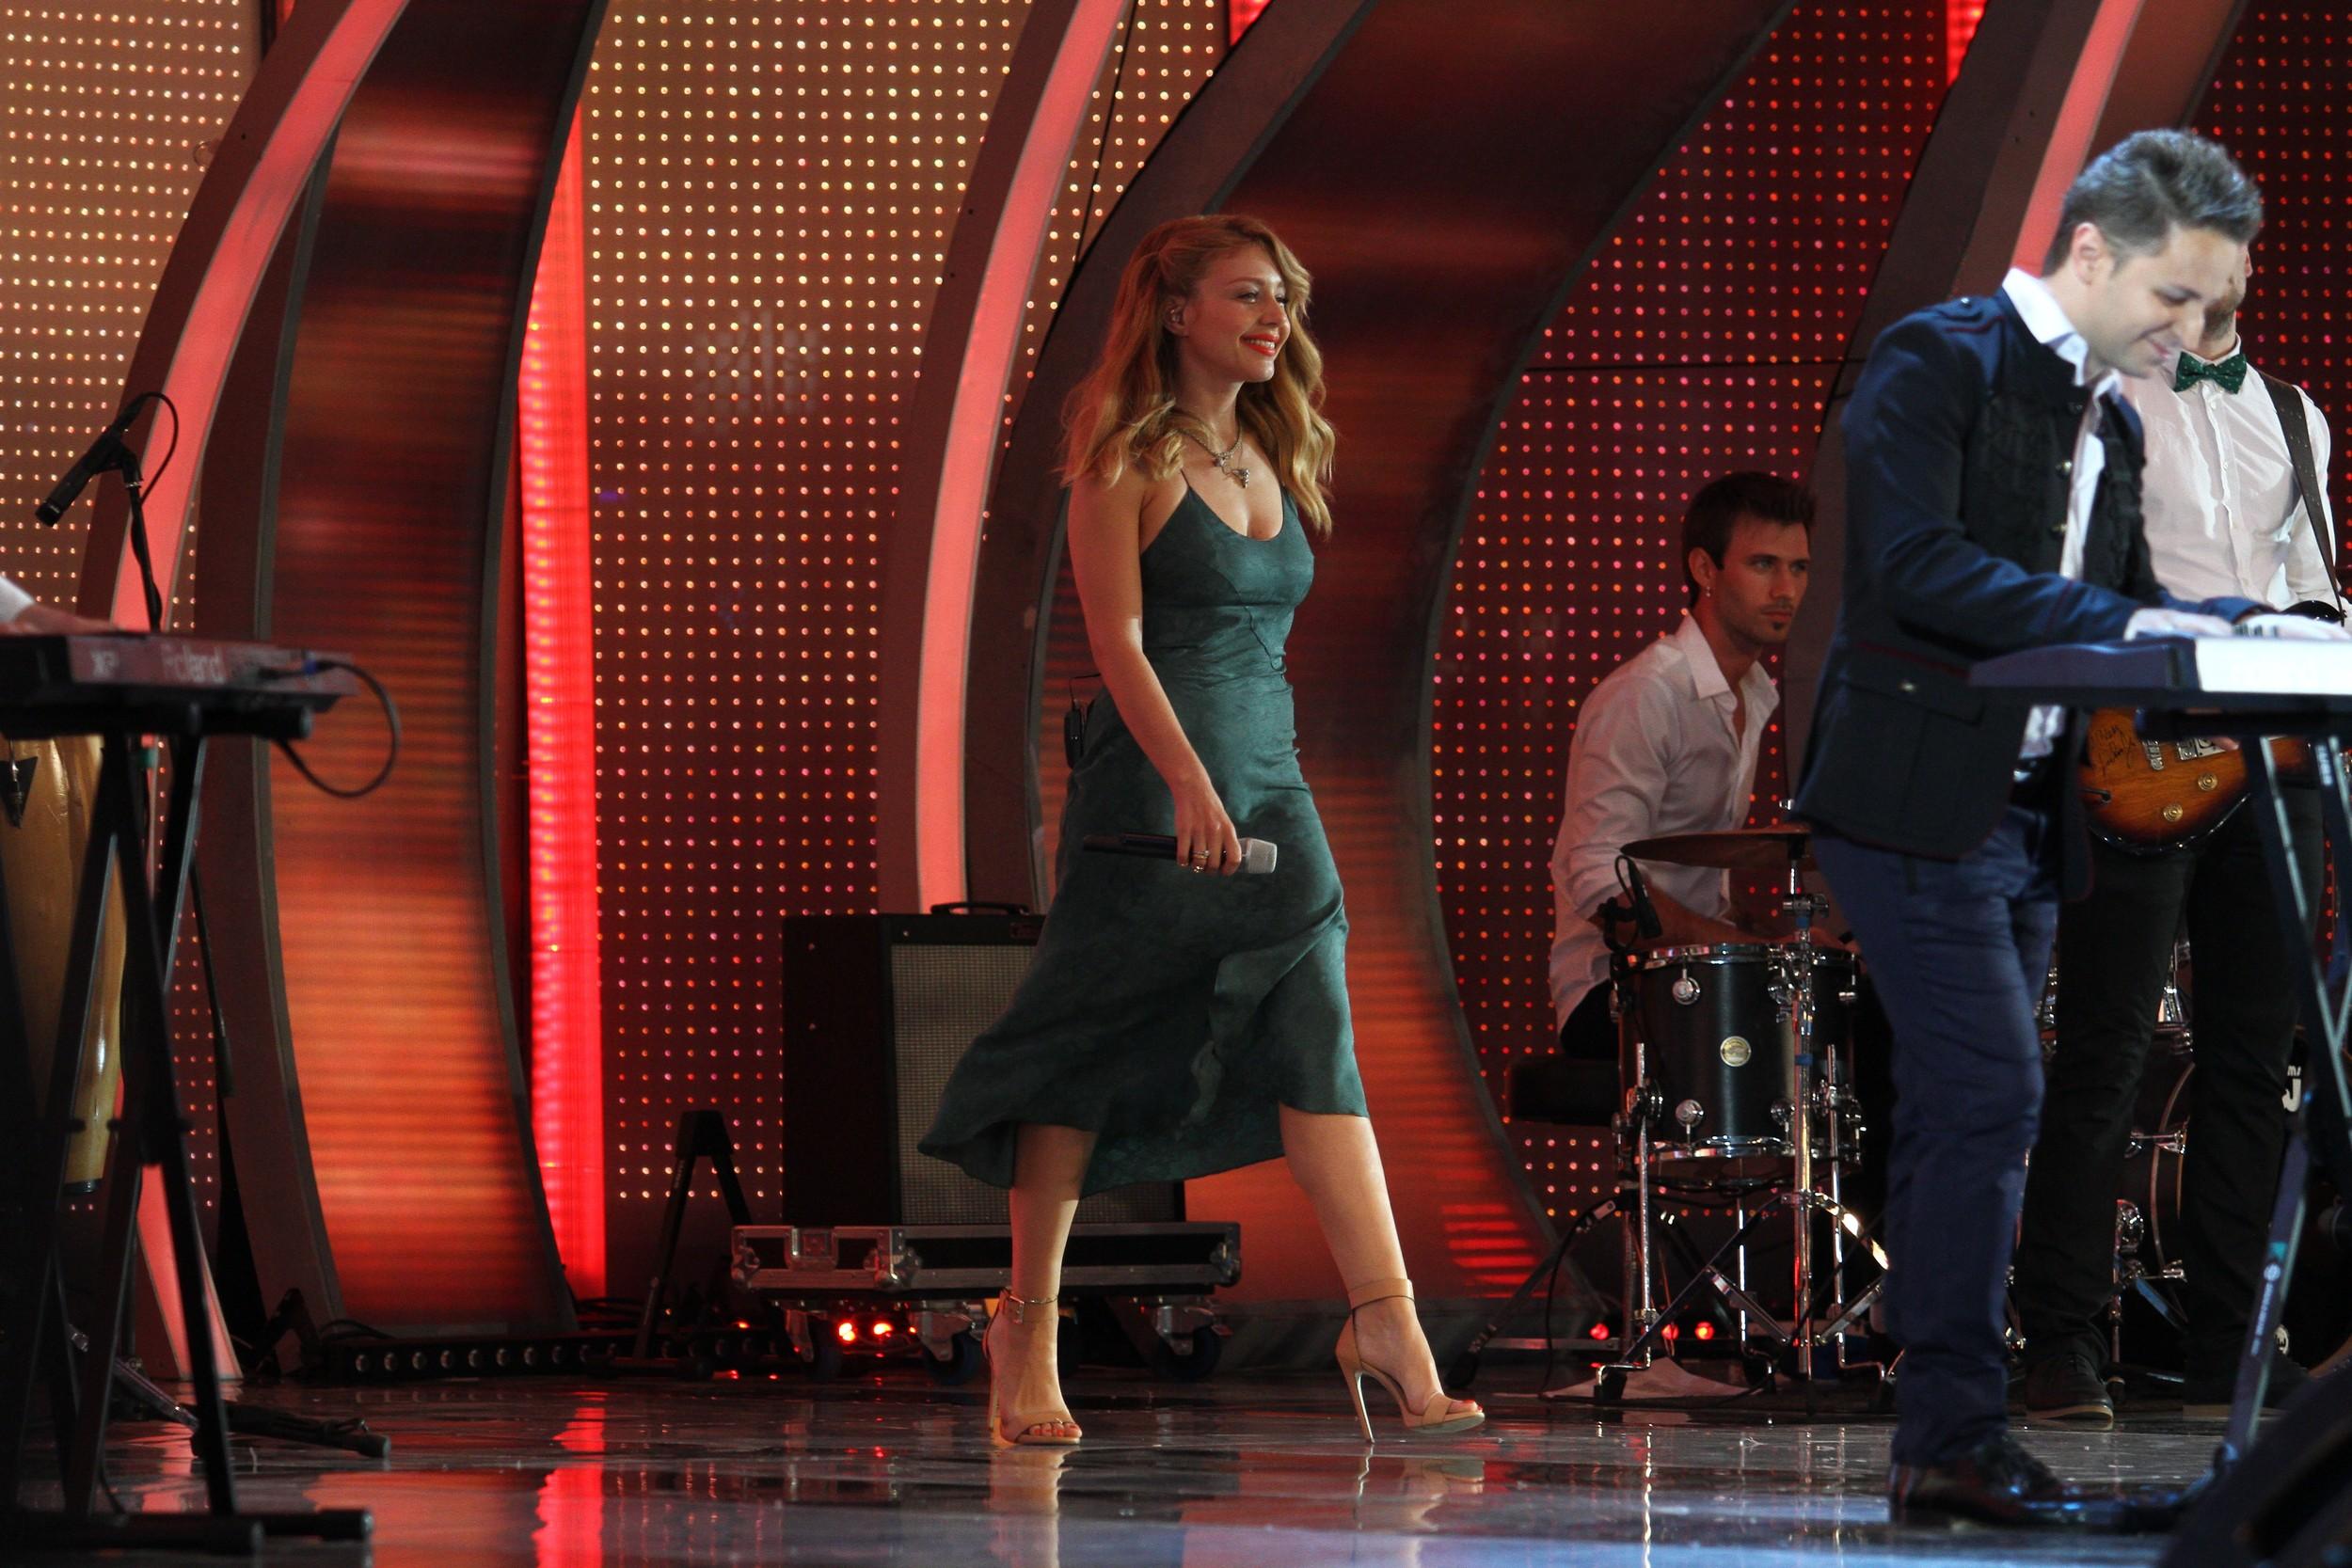 Певица Тина Кароль на конкурсе Новая волна 2013